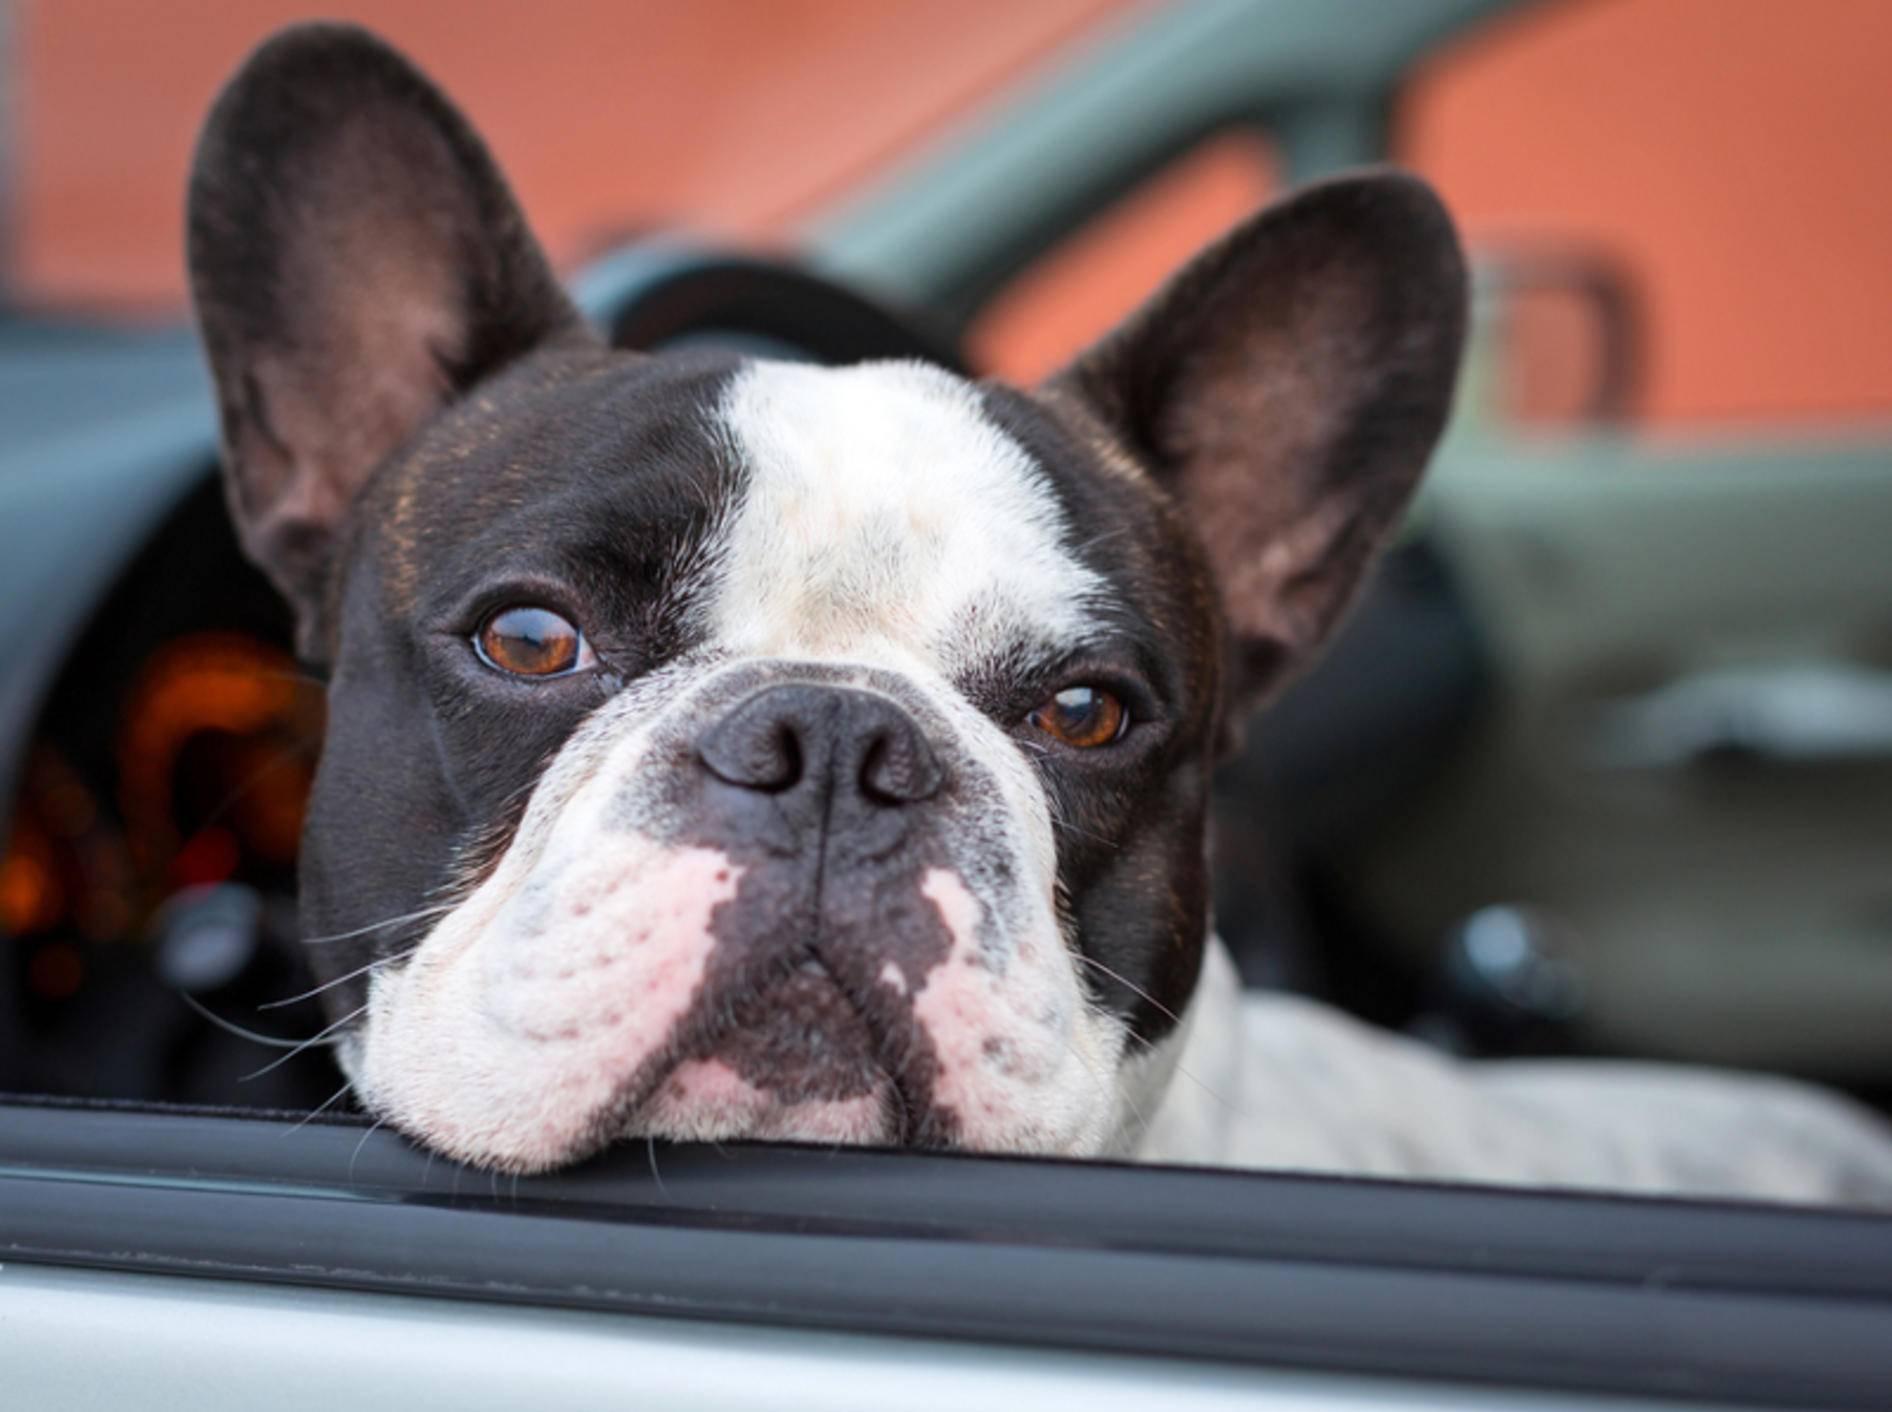 Reisekrankheit bei Hunden lässt sich mit verschiedenen Mitteln behandeln – Shutterstock / Patryk Kosmider